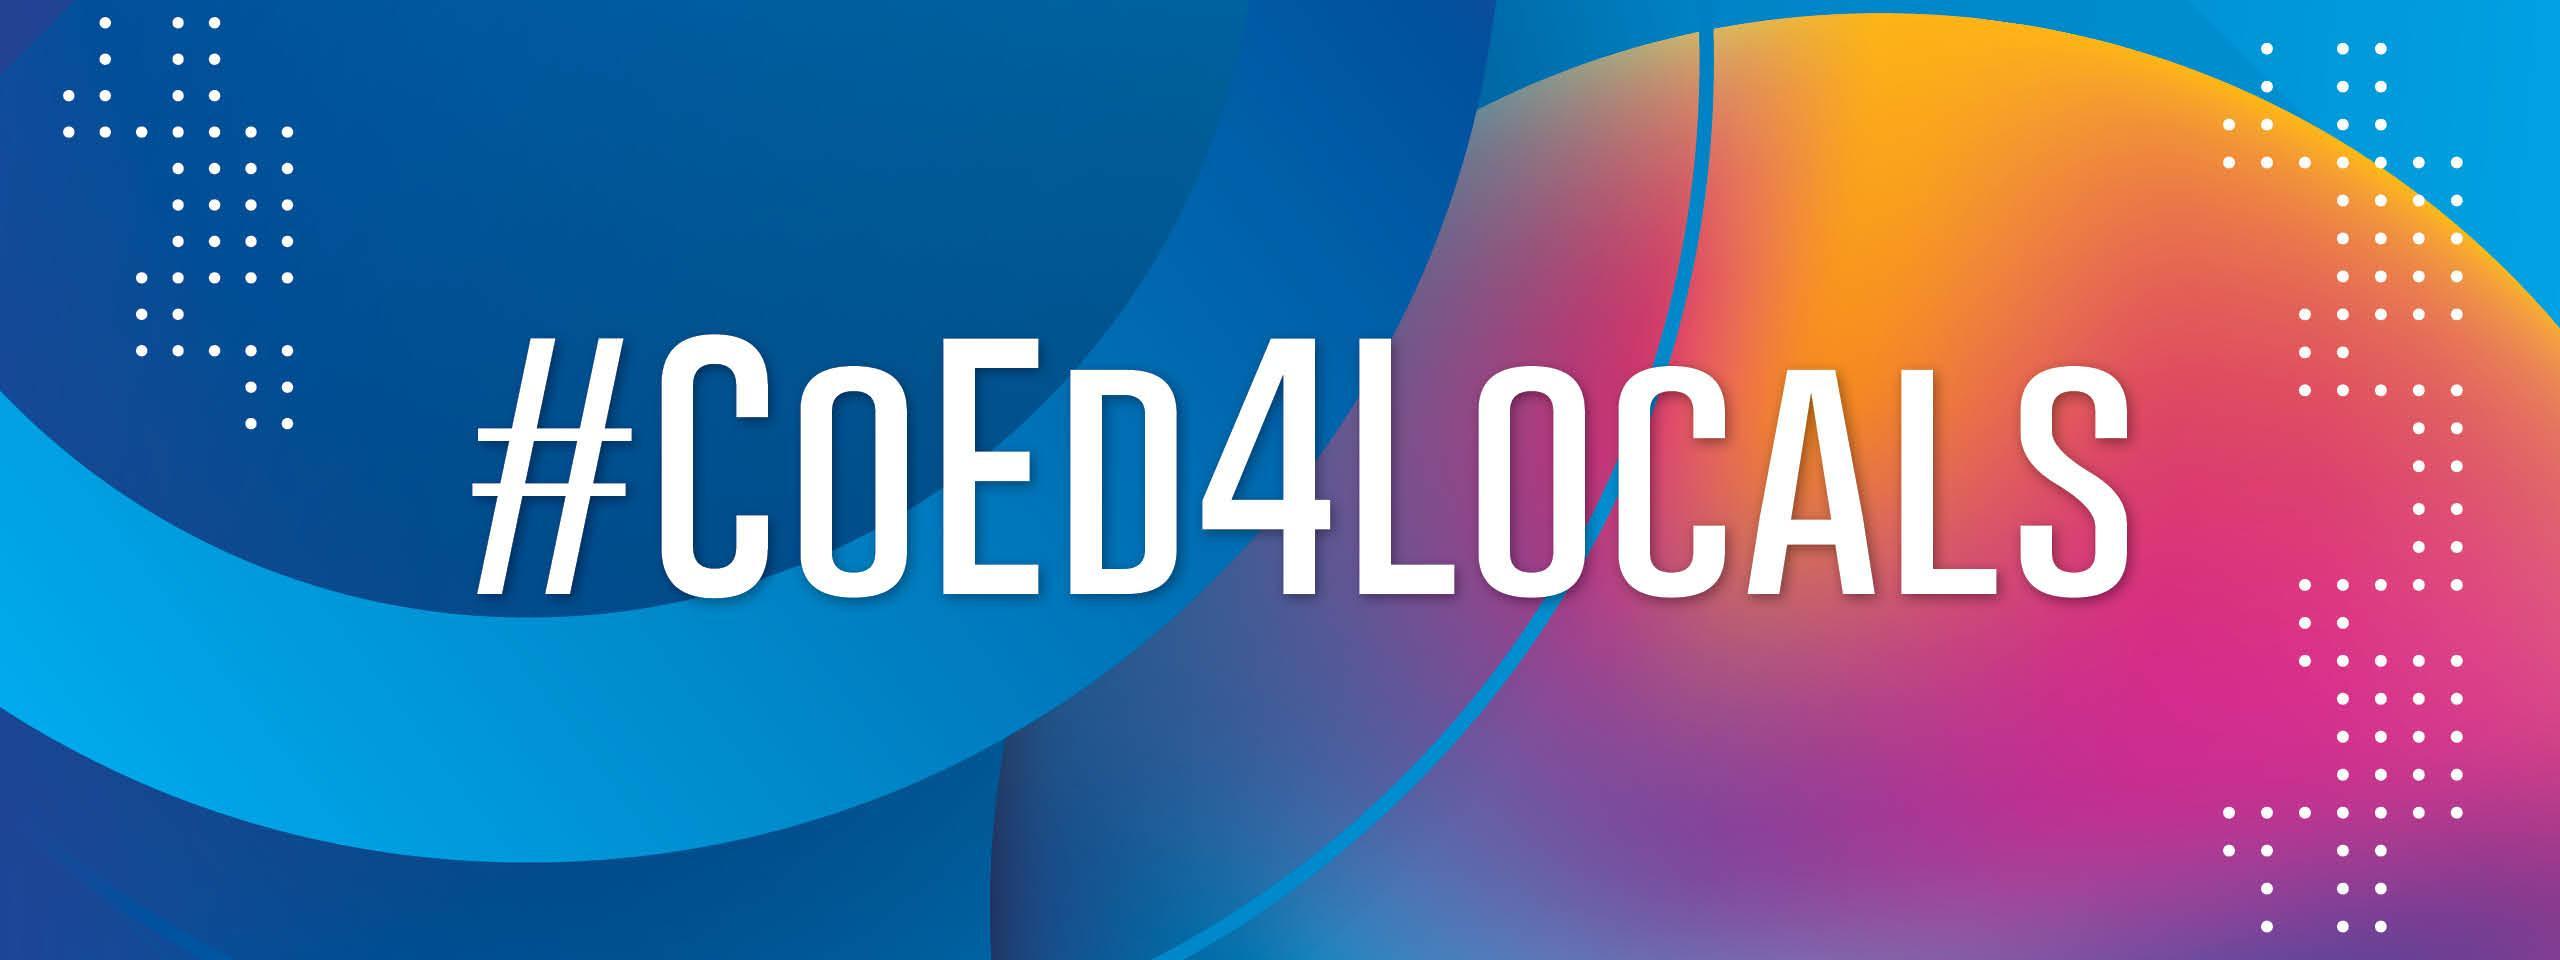 '# CoEd4Locals' en blanco sobre círculos en tonos de azul, rosa y amarillo